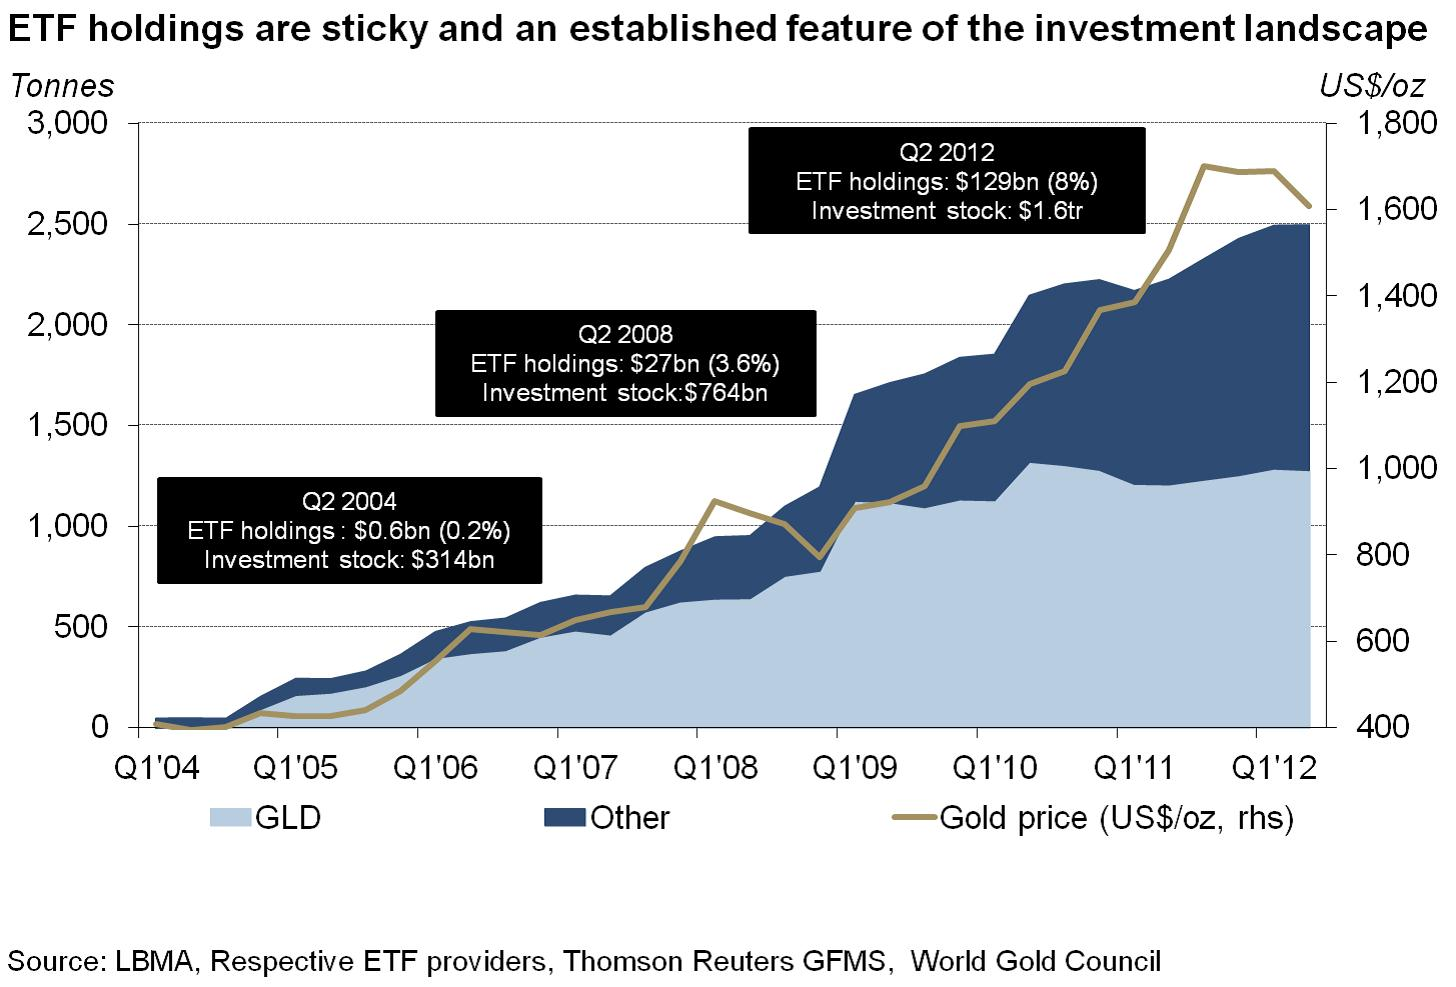 13. grafikon: Az arany ETF-ek által birtokolt fizikai arany dinamikusan nő 2004 óta. Forrás: Pierre Lassonde-Gold Forum Denver 2012, Conclude Zrt.